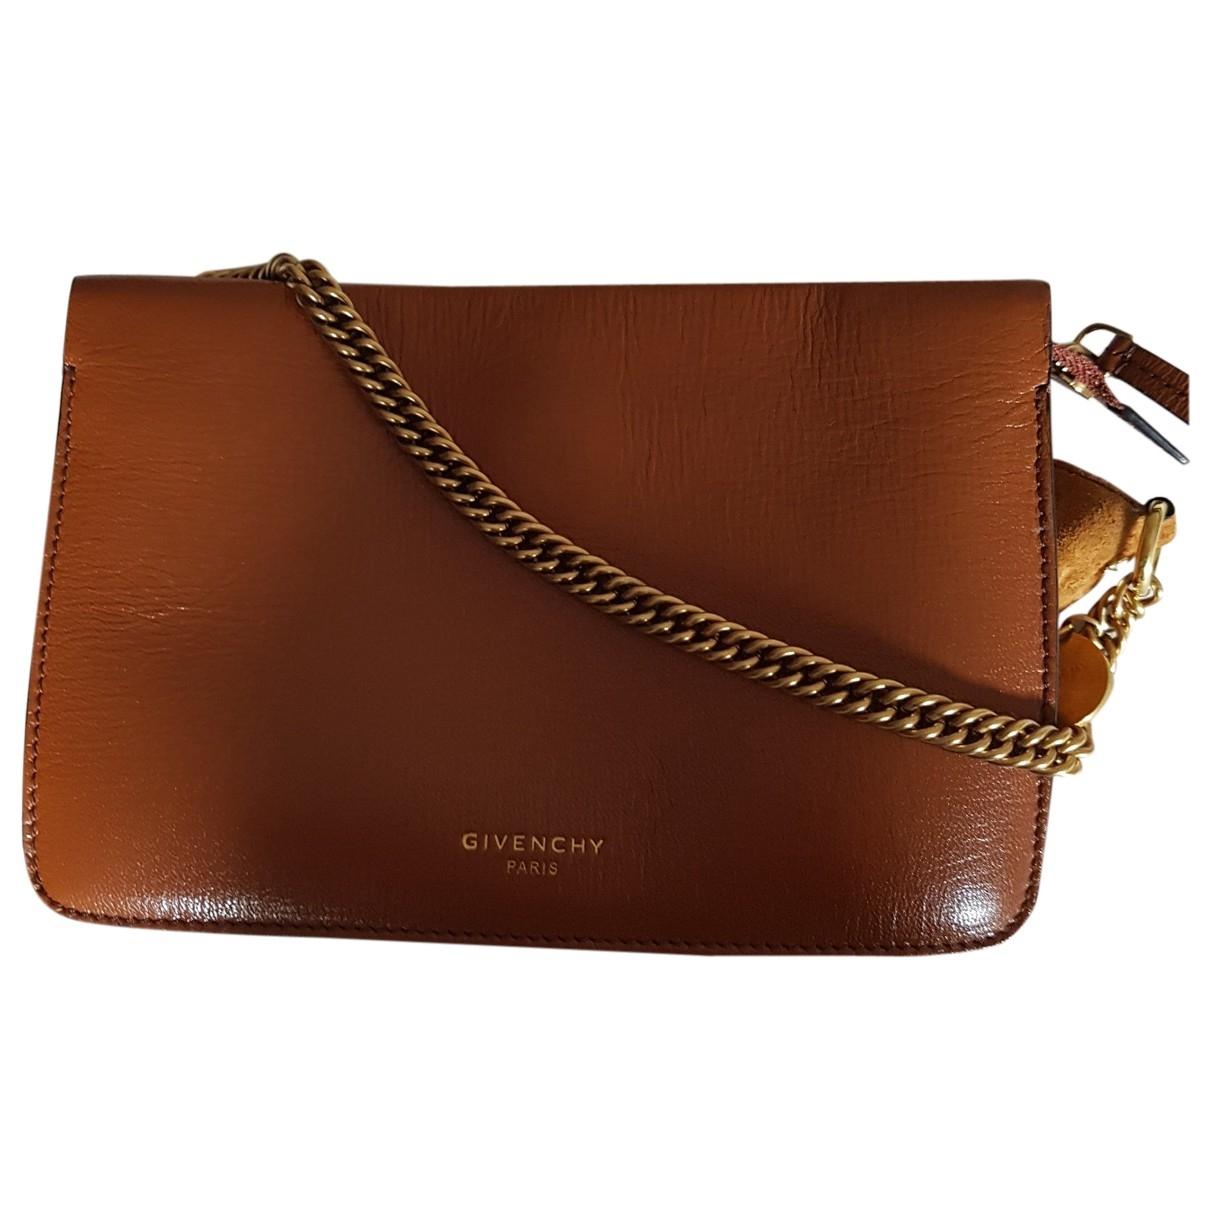 Givenchy - Pochette   pour femme en cuir